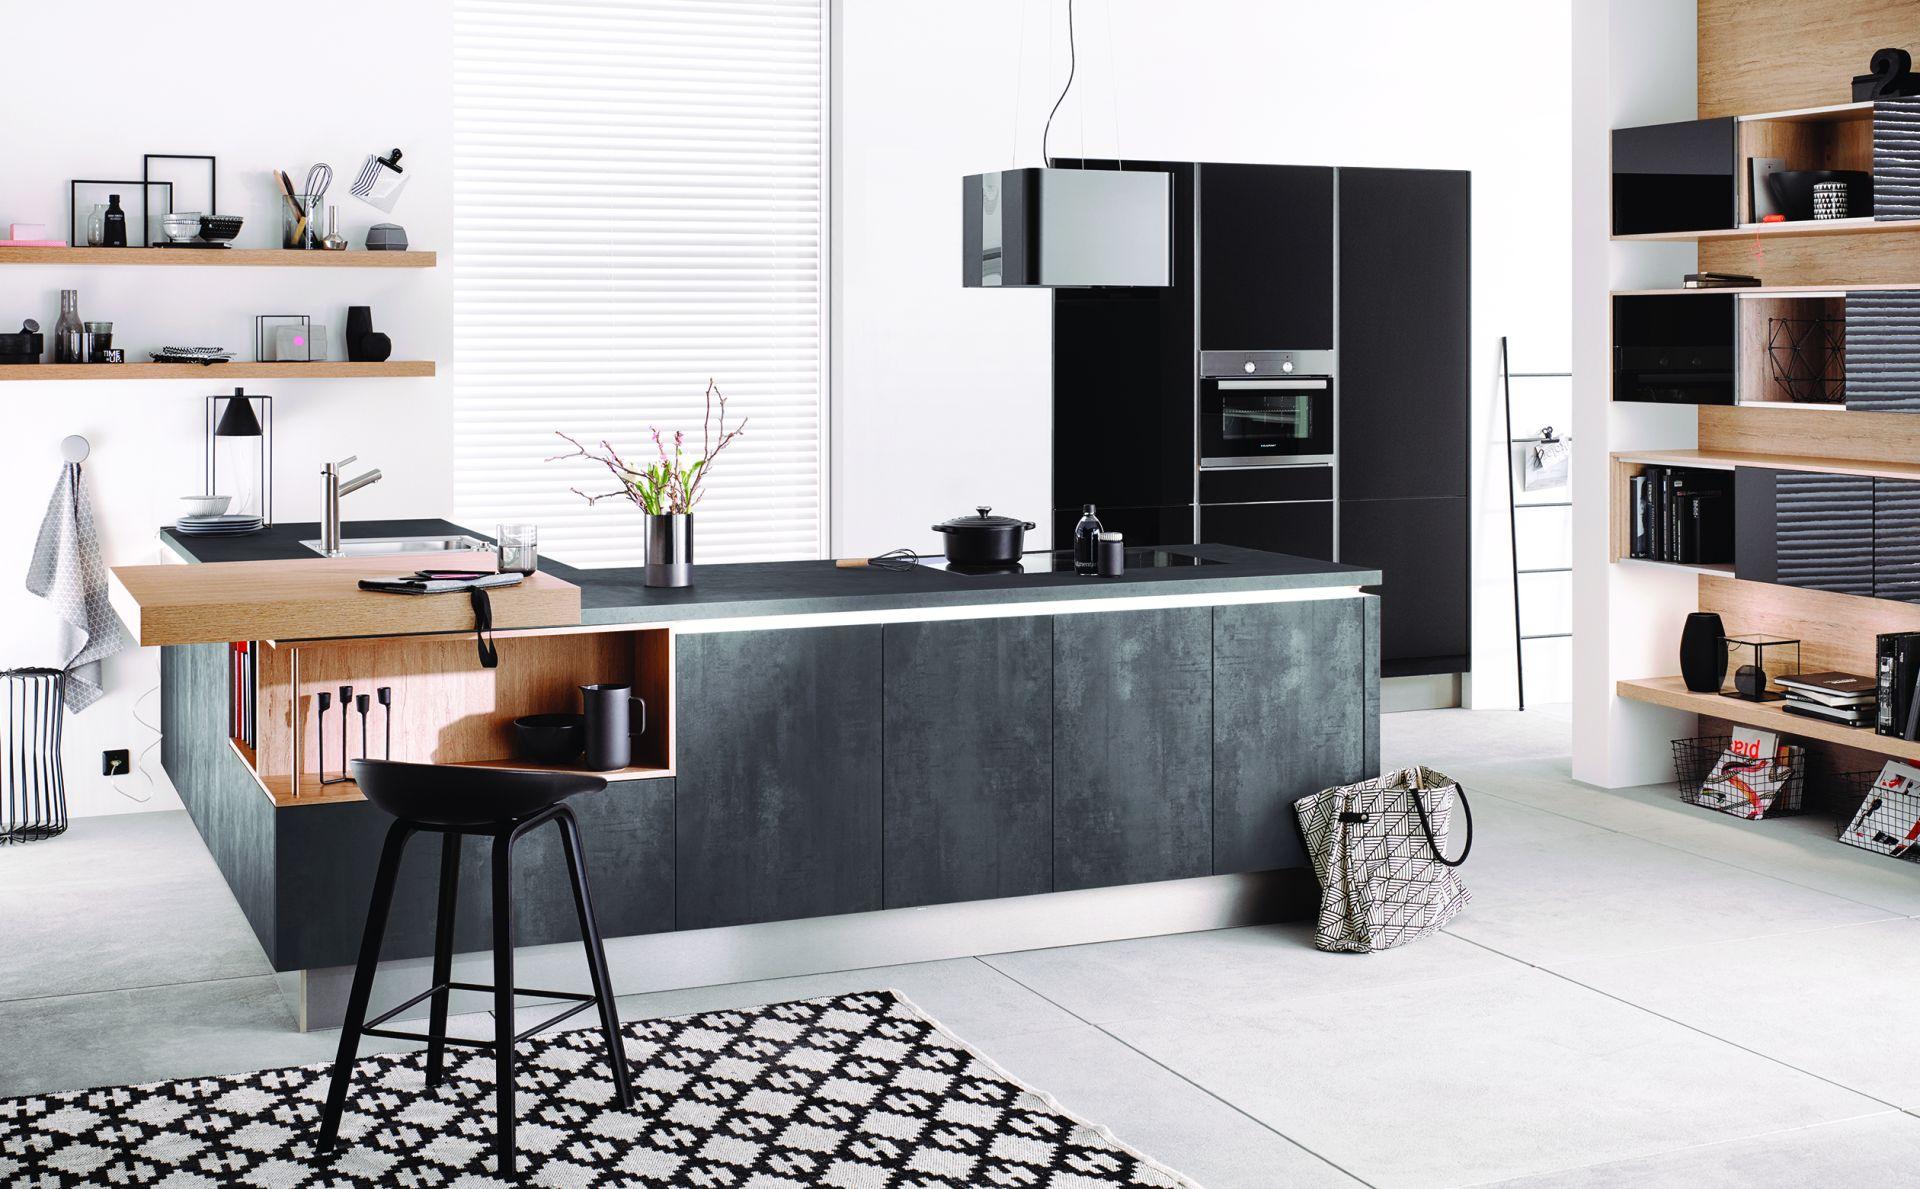 Attraktiv Häcker Küchen Fronten Foto Von Individuelle Lösungen Für Funktionalität Und Design